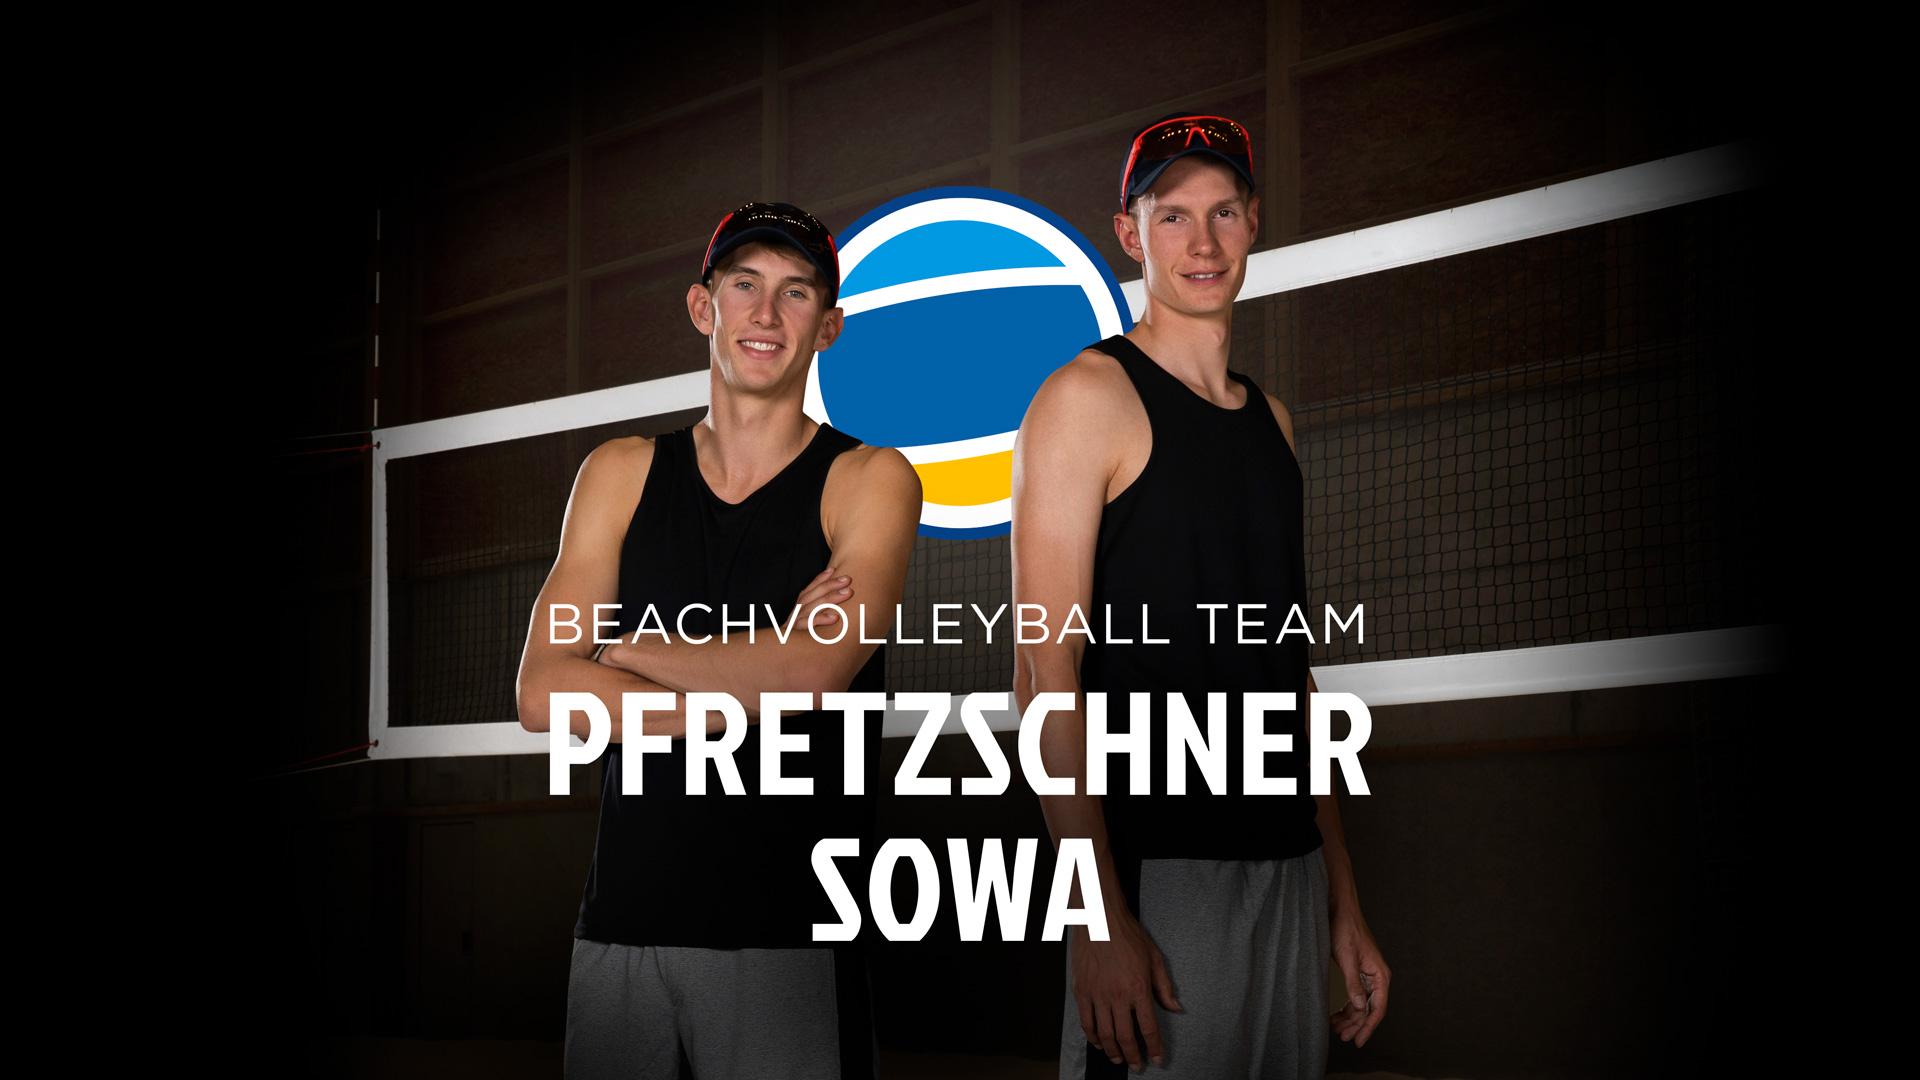 Pfretzschner/Sowa Beachvolleyballteam